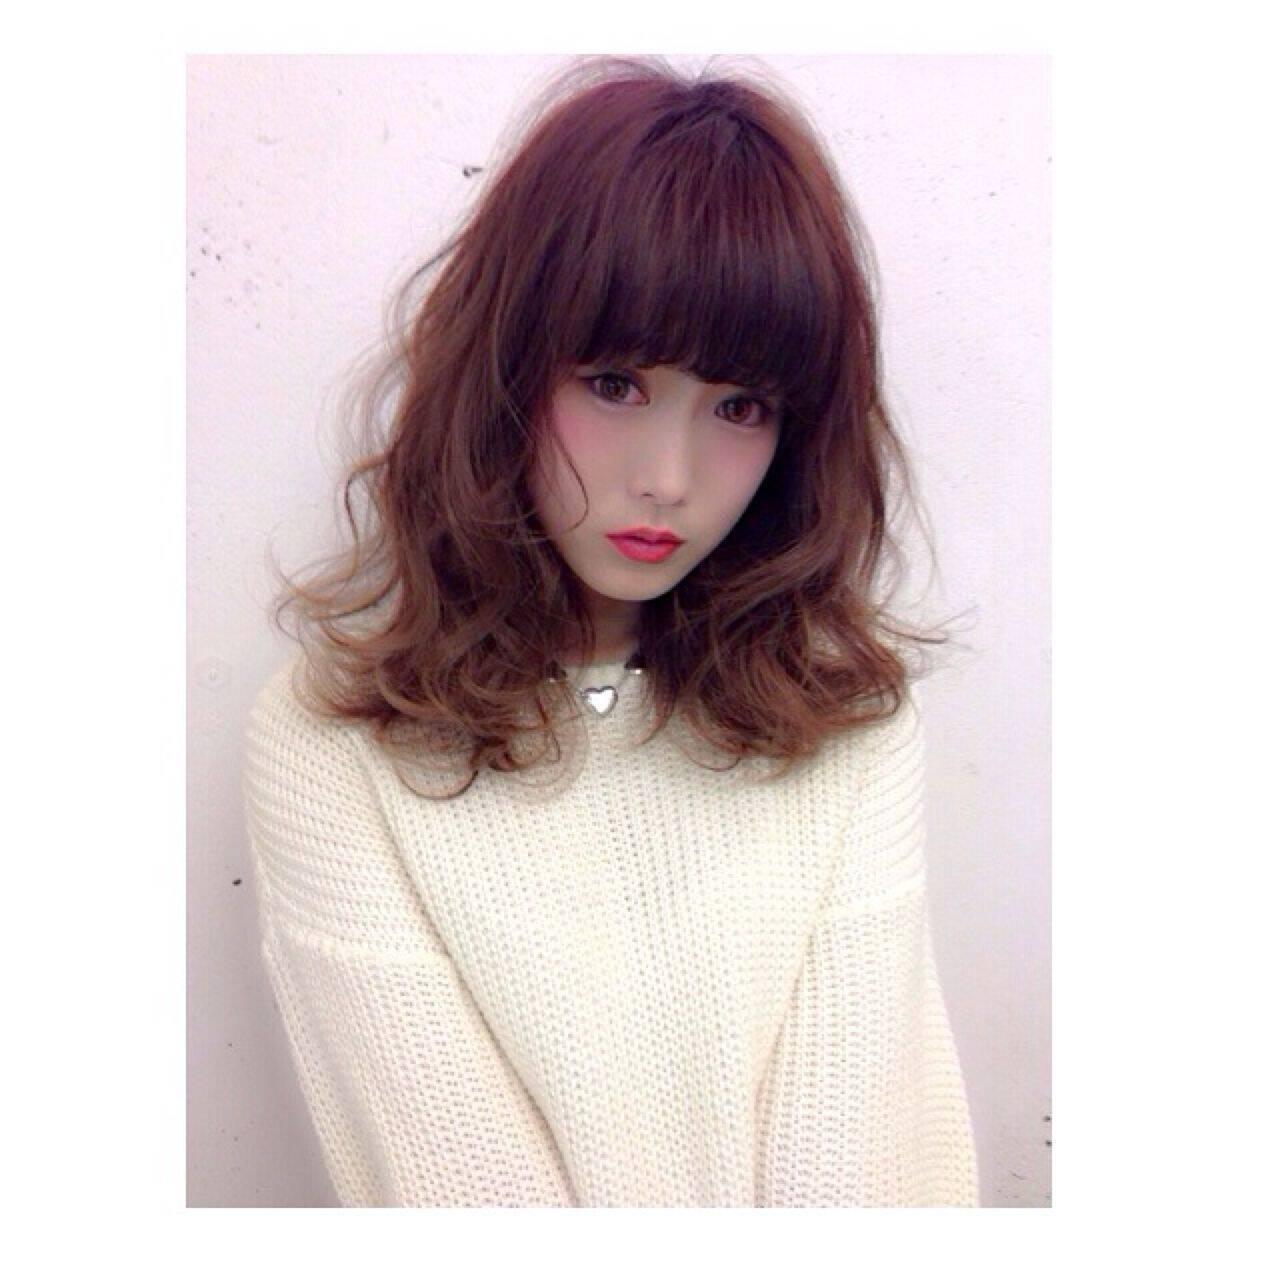 モード セミロング ストリート ストレートヘアスタイルや髪型の写真・画像